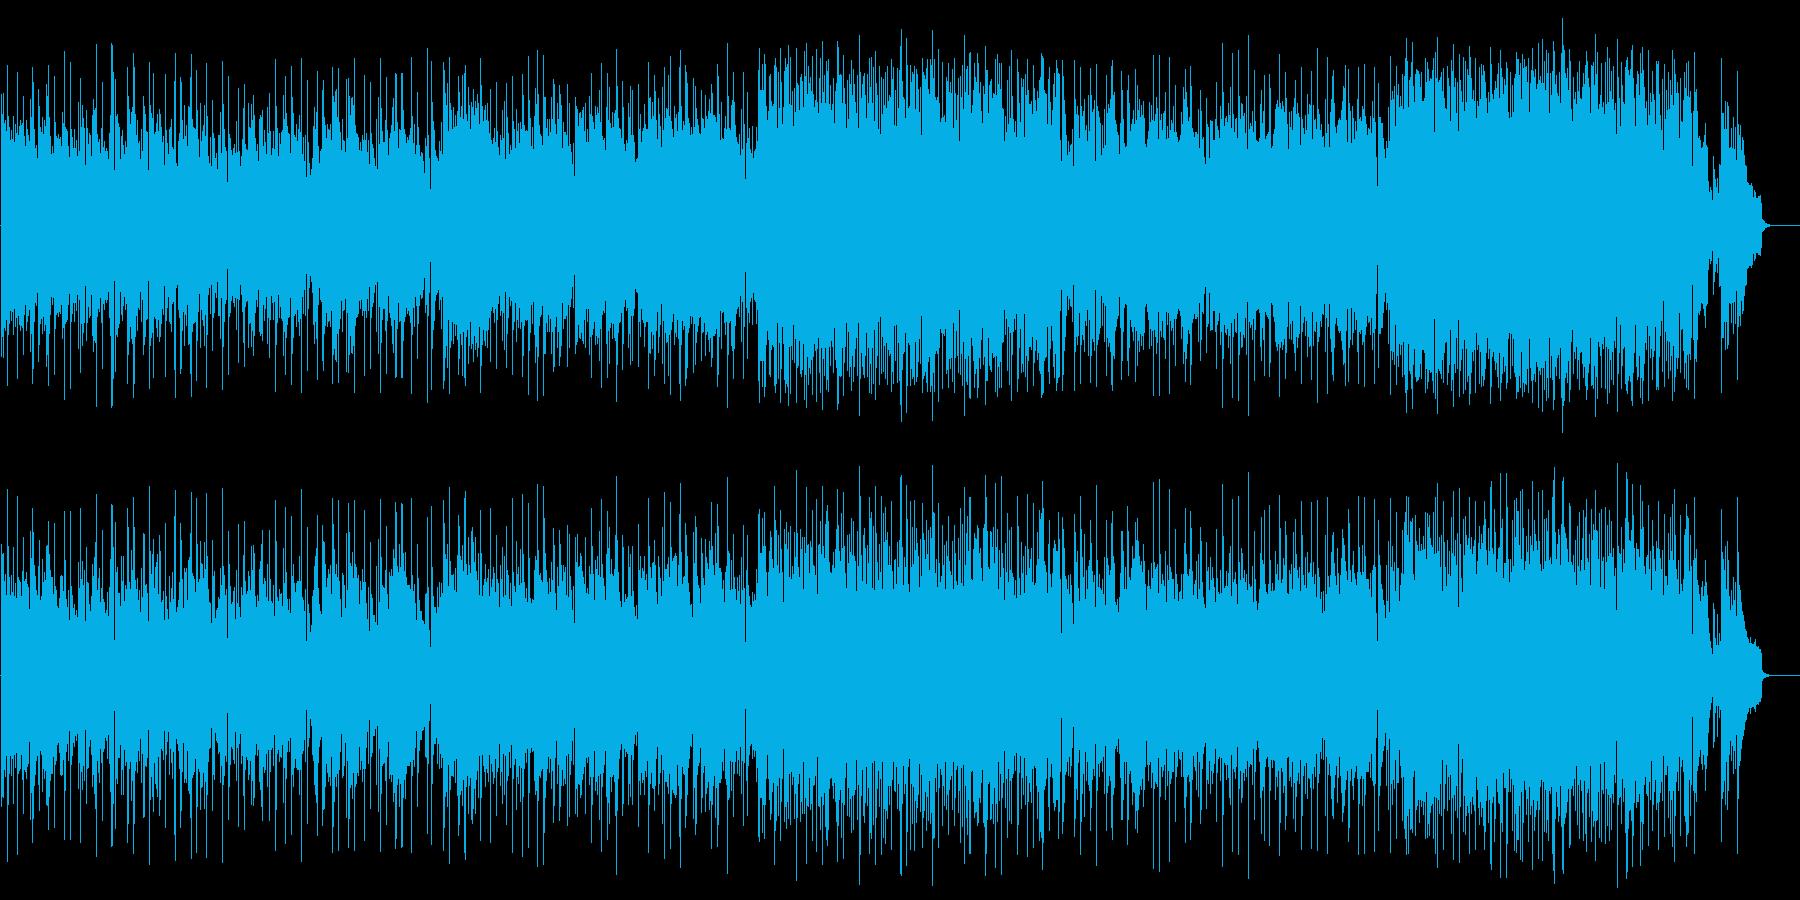 安らぎのミディアムポップ(フルサイズ)の再生済みの波形